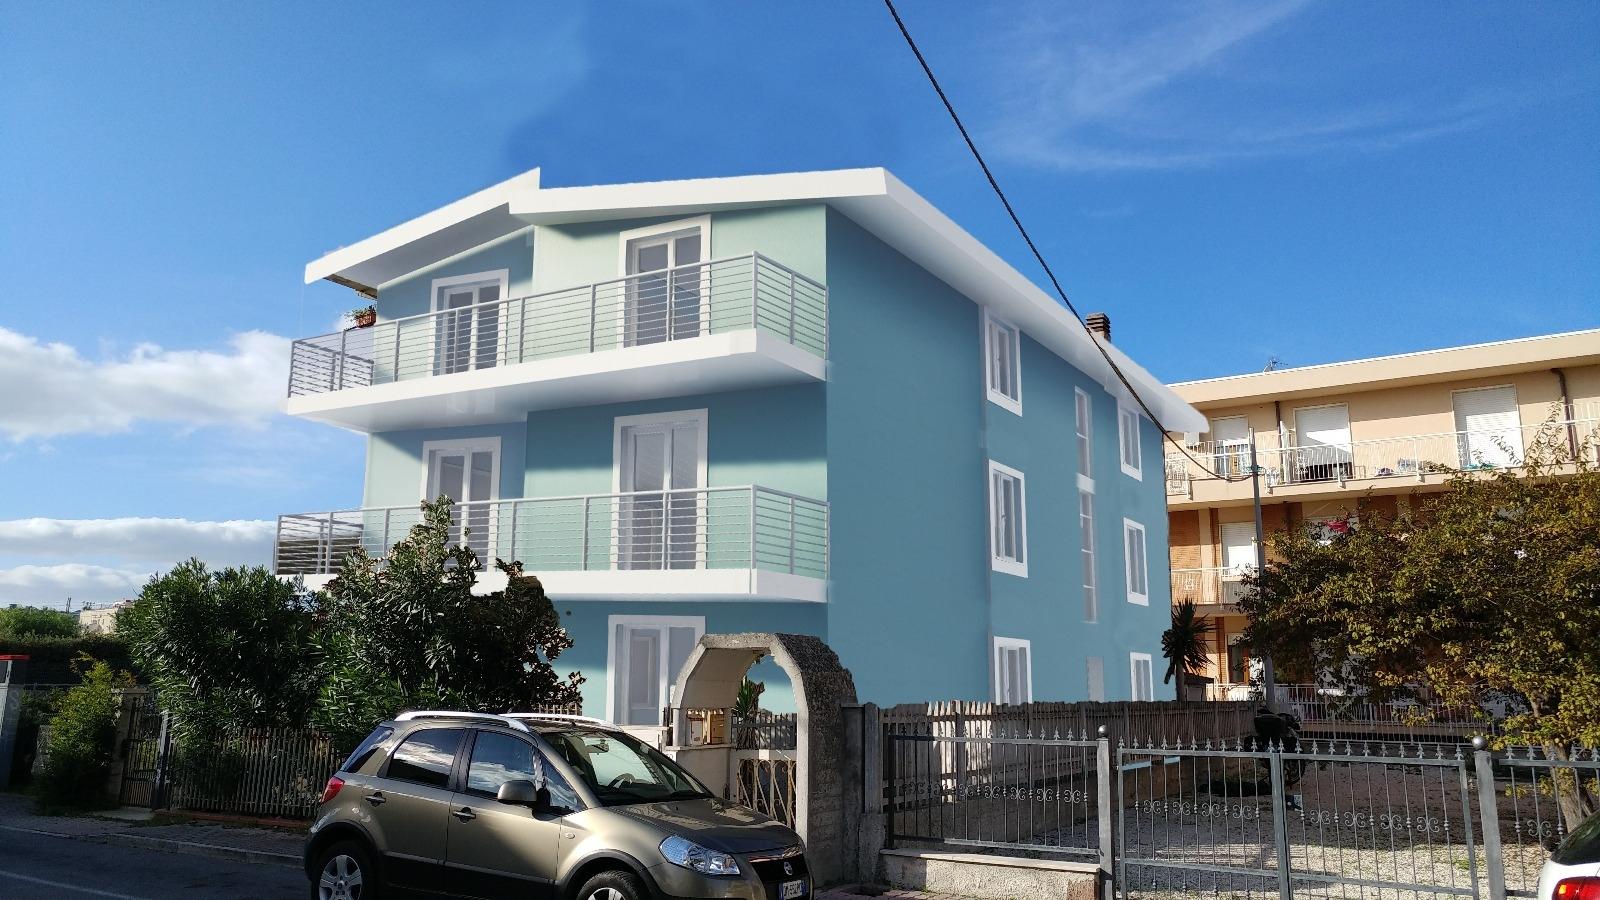 Appartamento in vendita a Grottammare, 3 locali, prezzo € 179.000 | CambioCasa.it